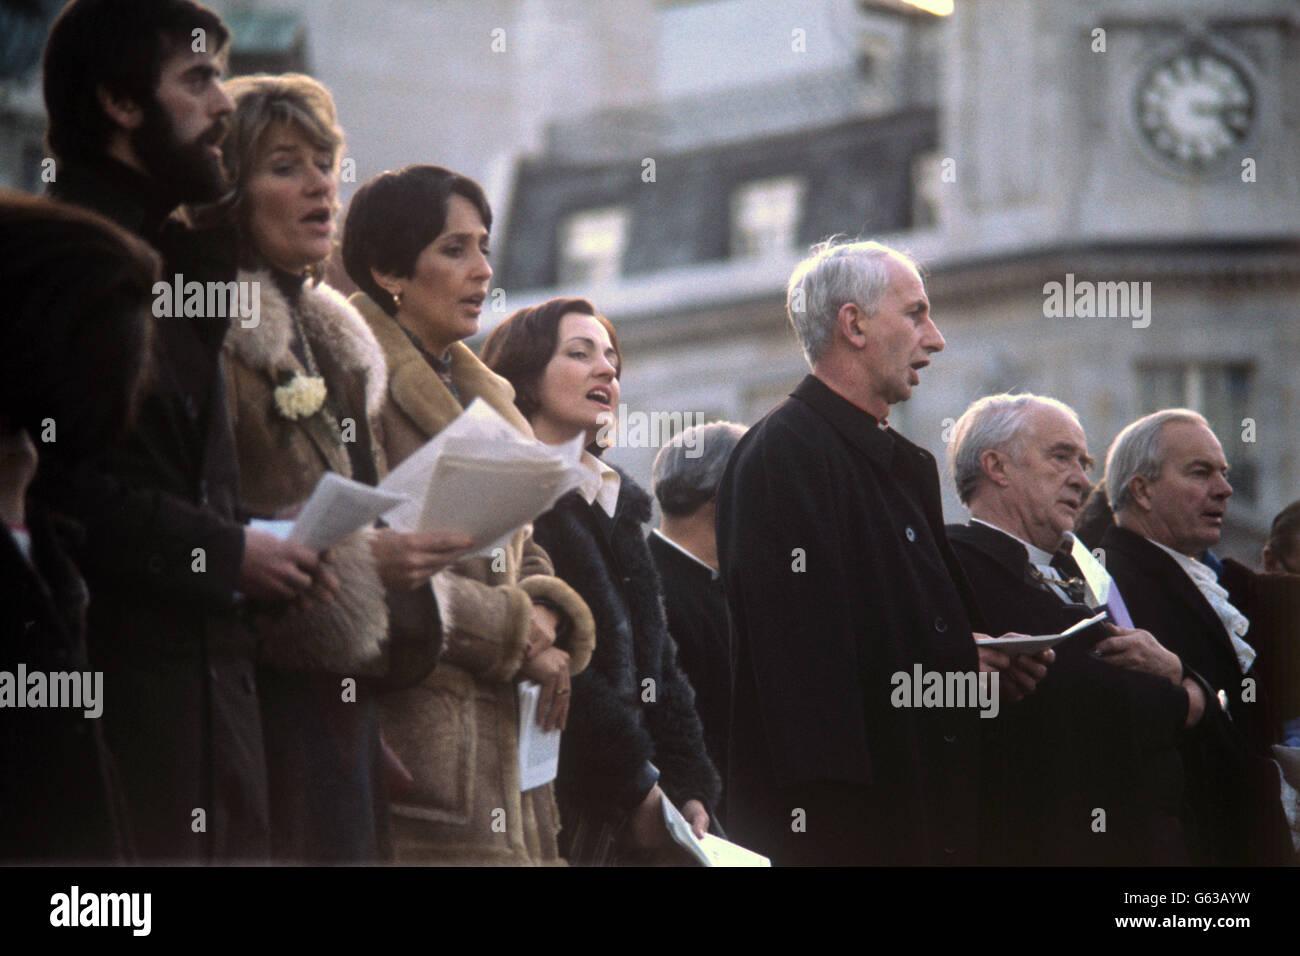 Política - los problemas - movimiento de paz de Irlanda del Norte - Trafalgar Square, Londres Imagen De Stock